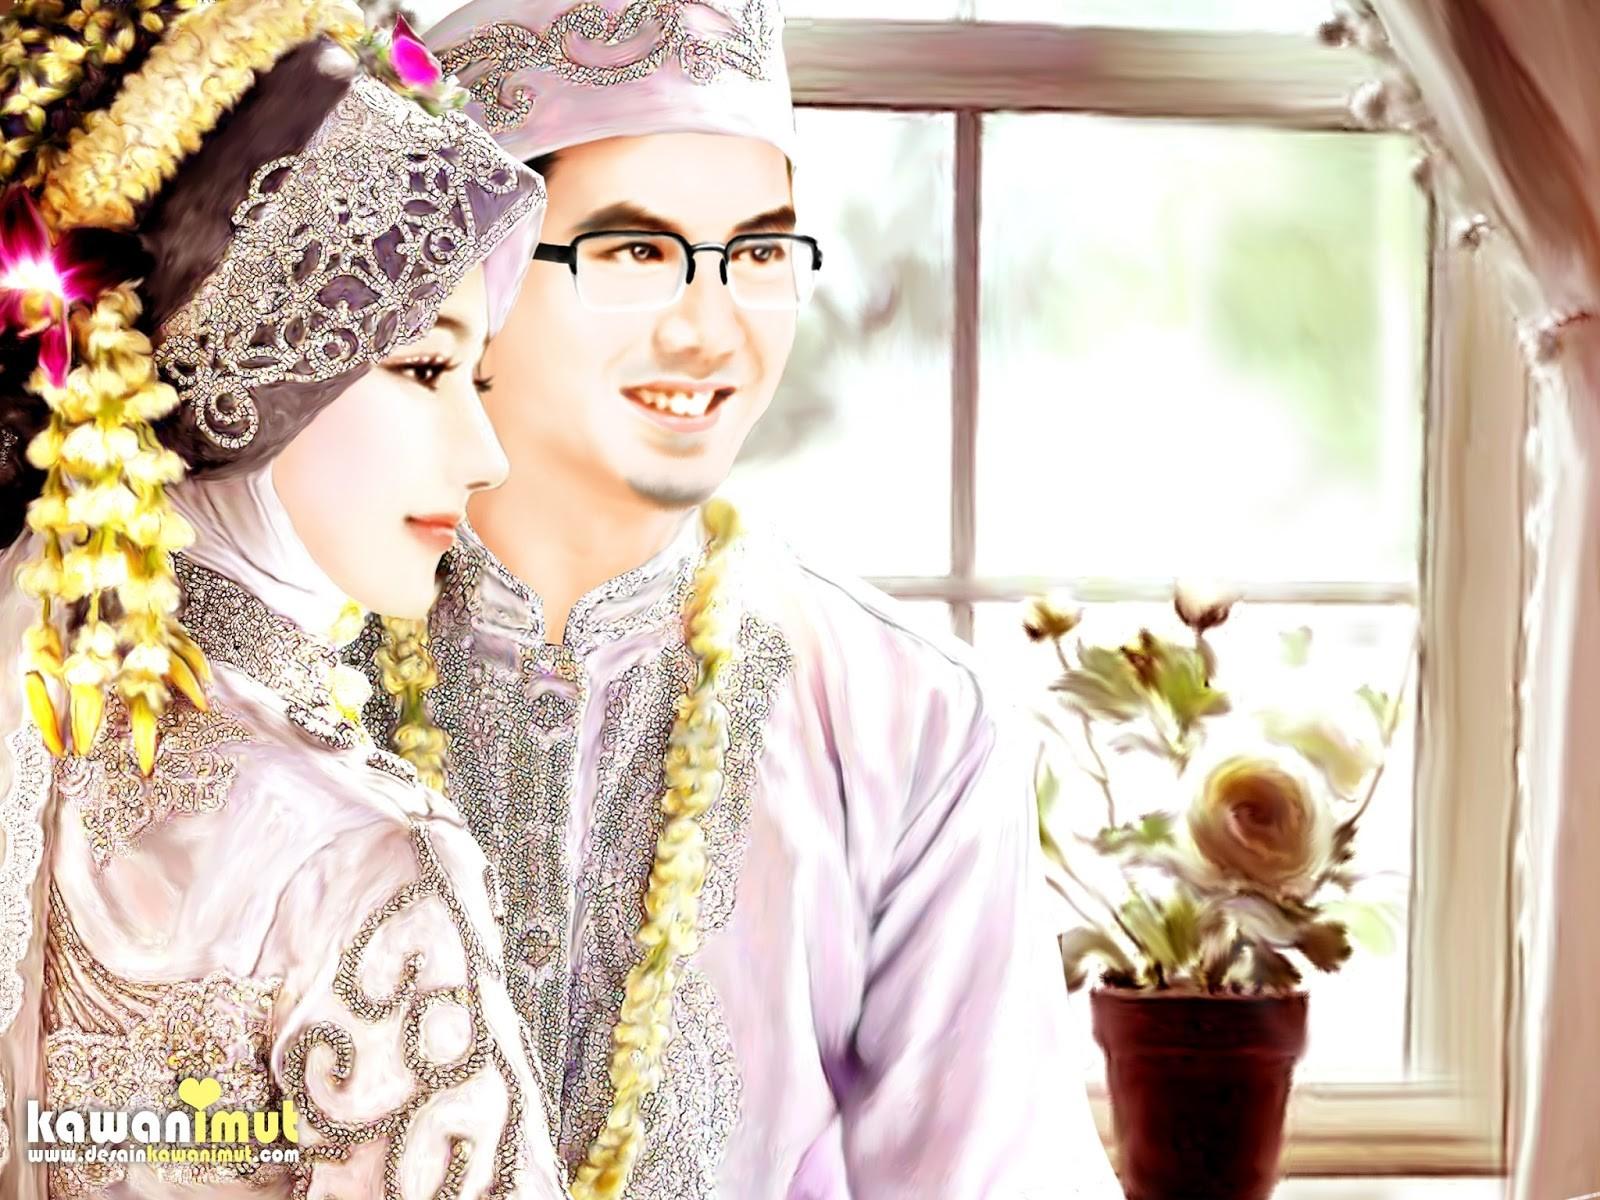 Foto Pernikahan Wanita Berhijab Inspirational Gambar